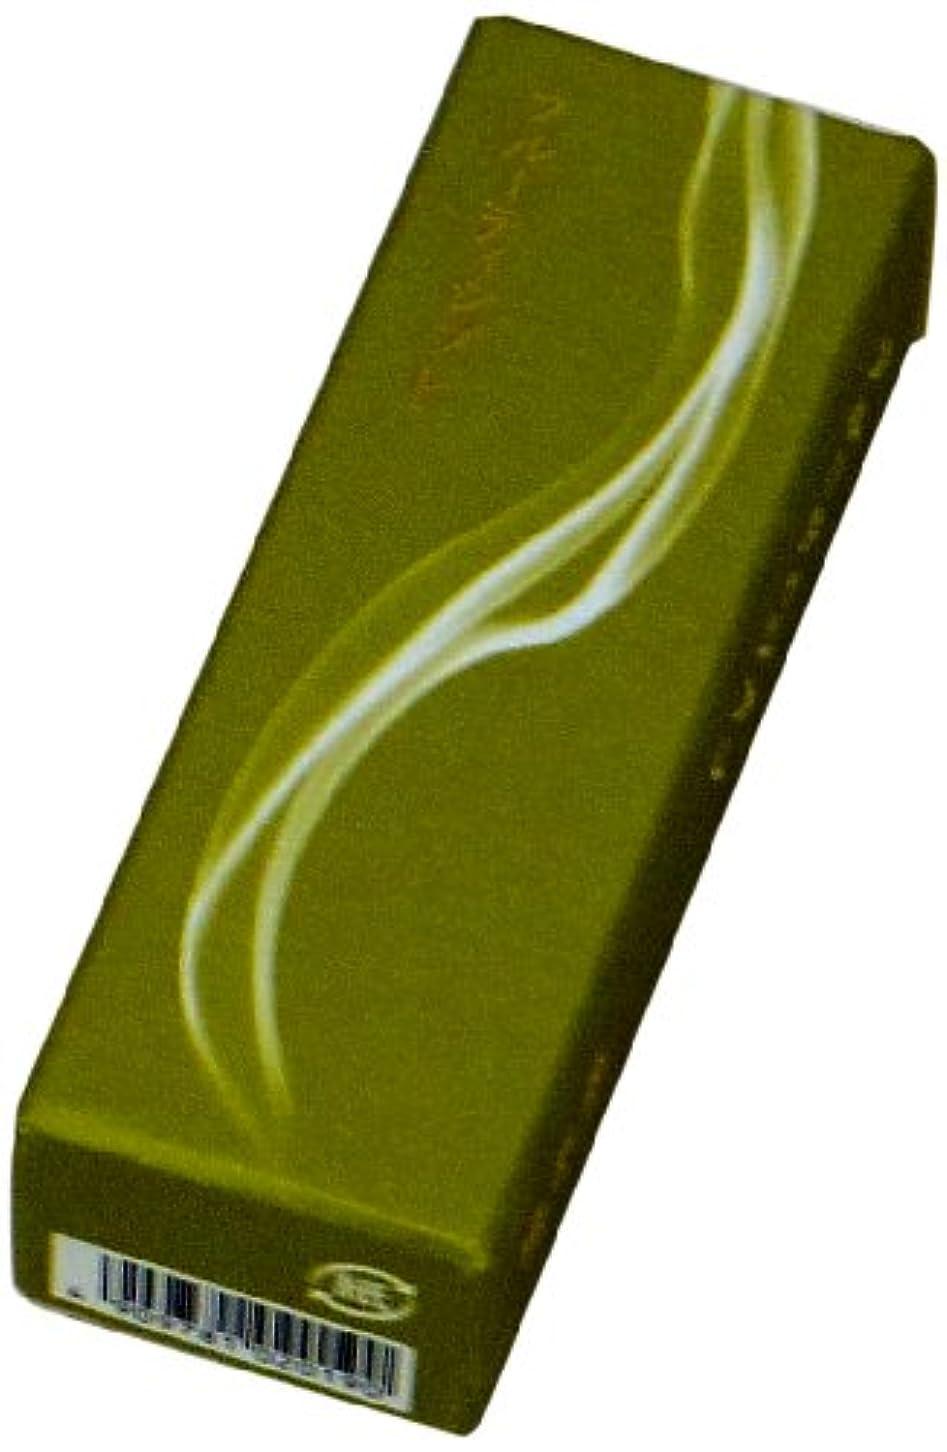 噂有害な投獄鳩居堂のお香 香水の香り フローラルシプレ 20本入 6cm